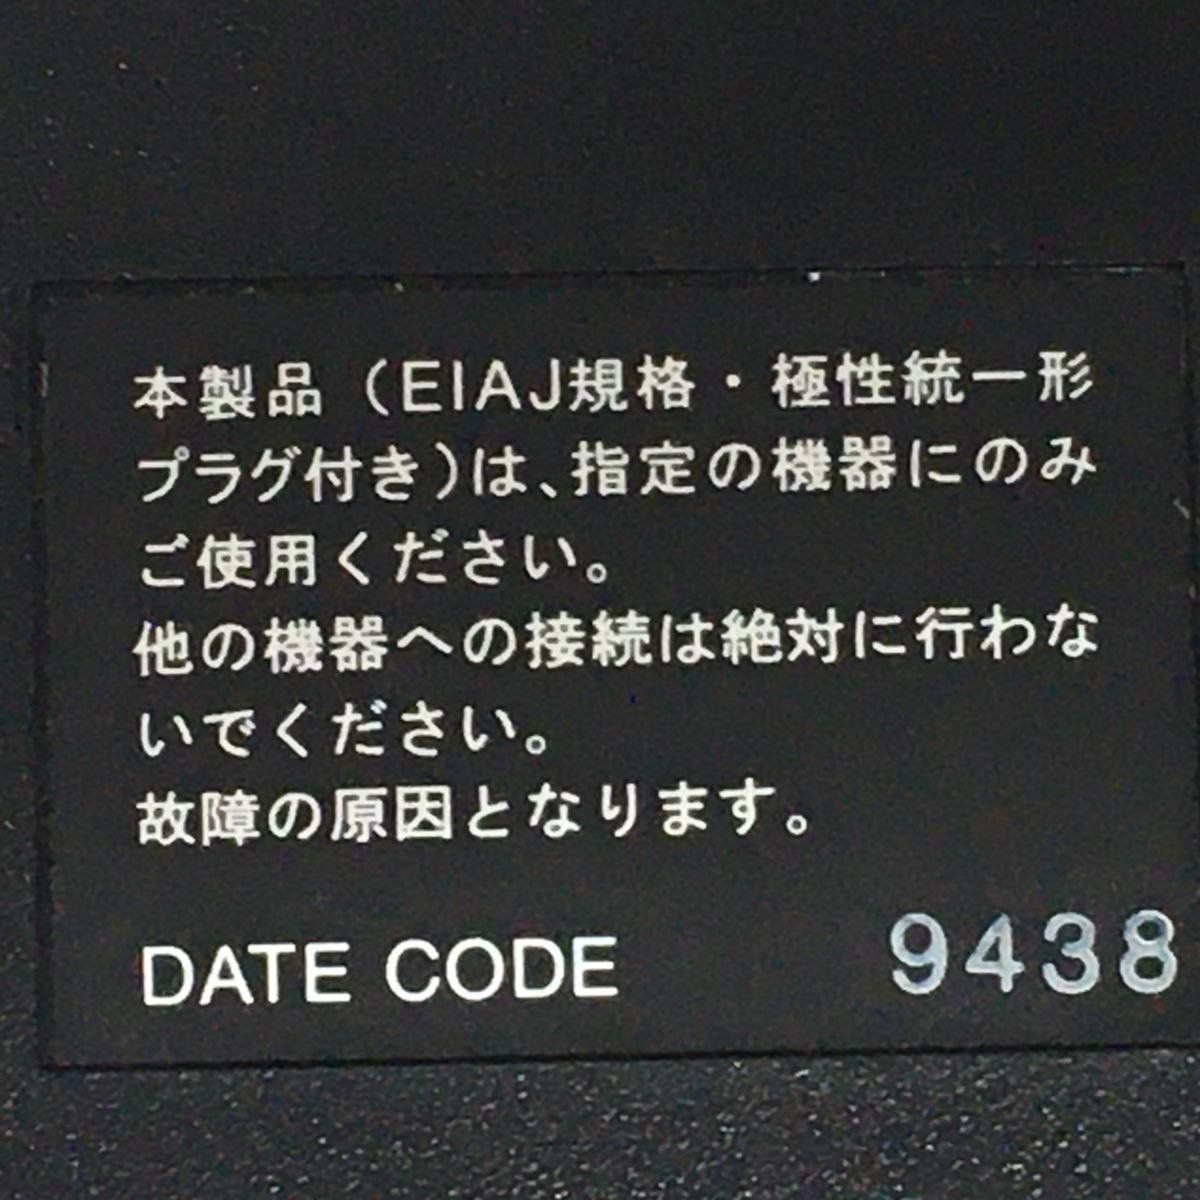 ■カシオ 液晶TV専用 ACアダプター AD-K600J DC6V 750mA /中古品 CASIO τ■_画像6